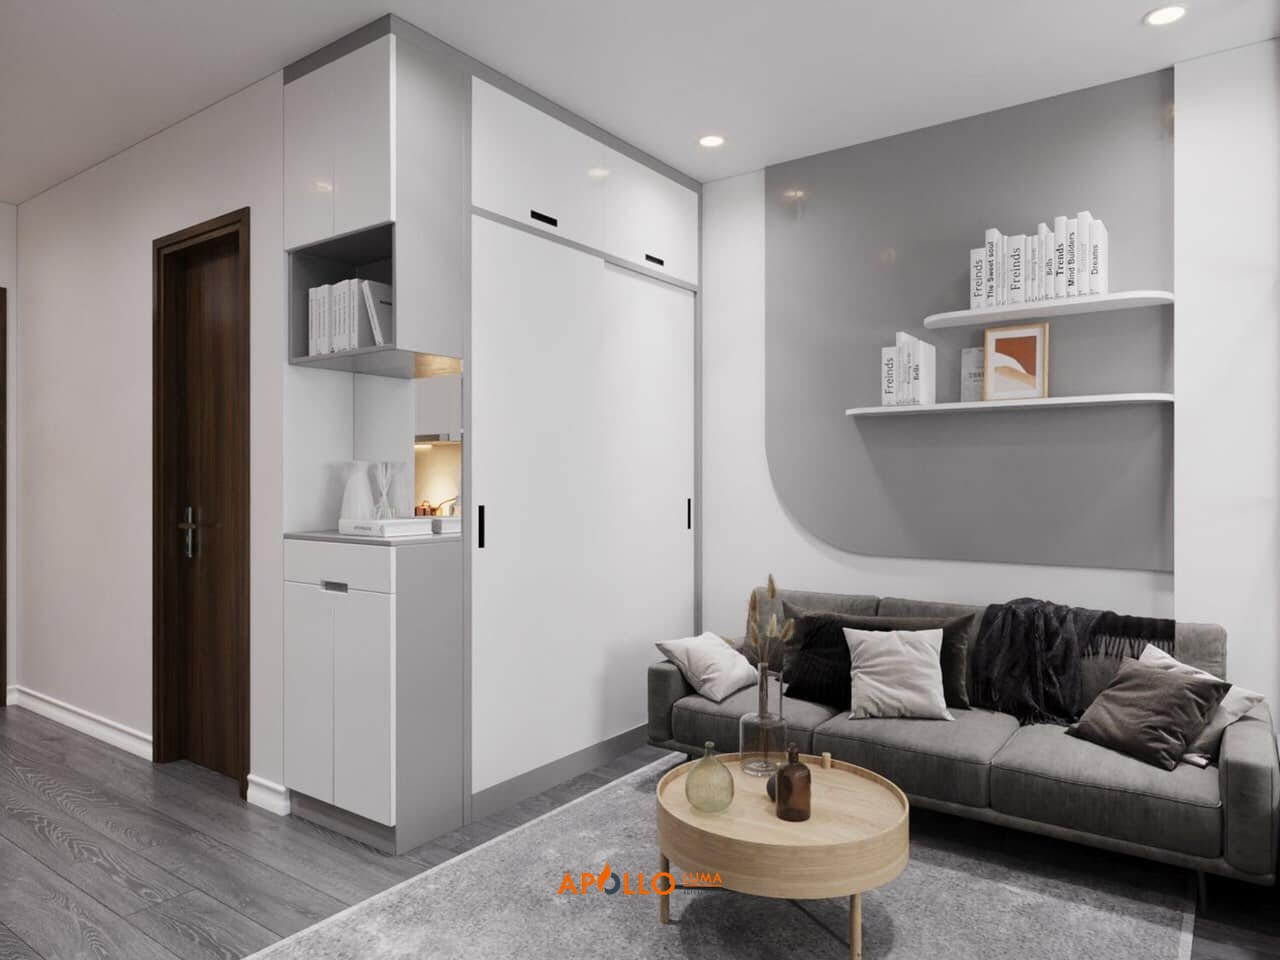 Thiết kế nội thất căn hộ Studio Vinhomes Smart City phong cách hiện đại